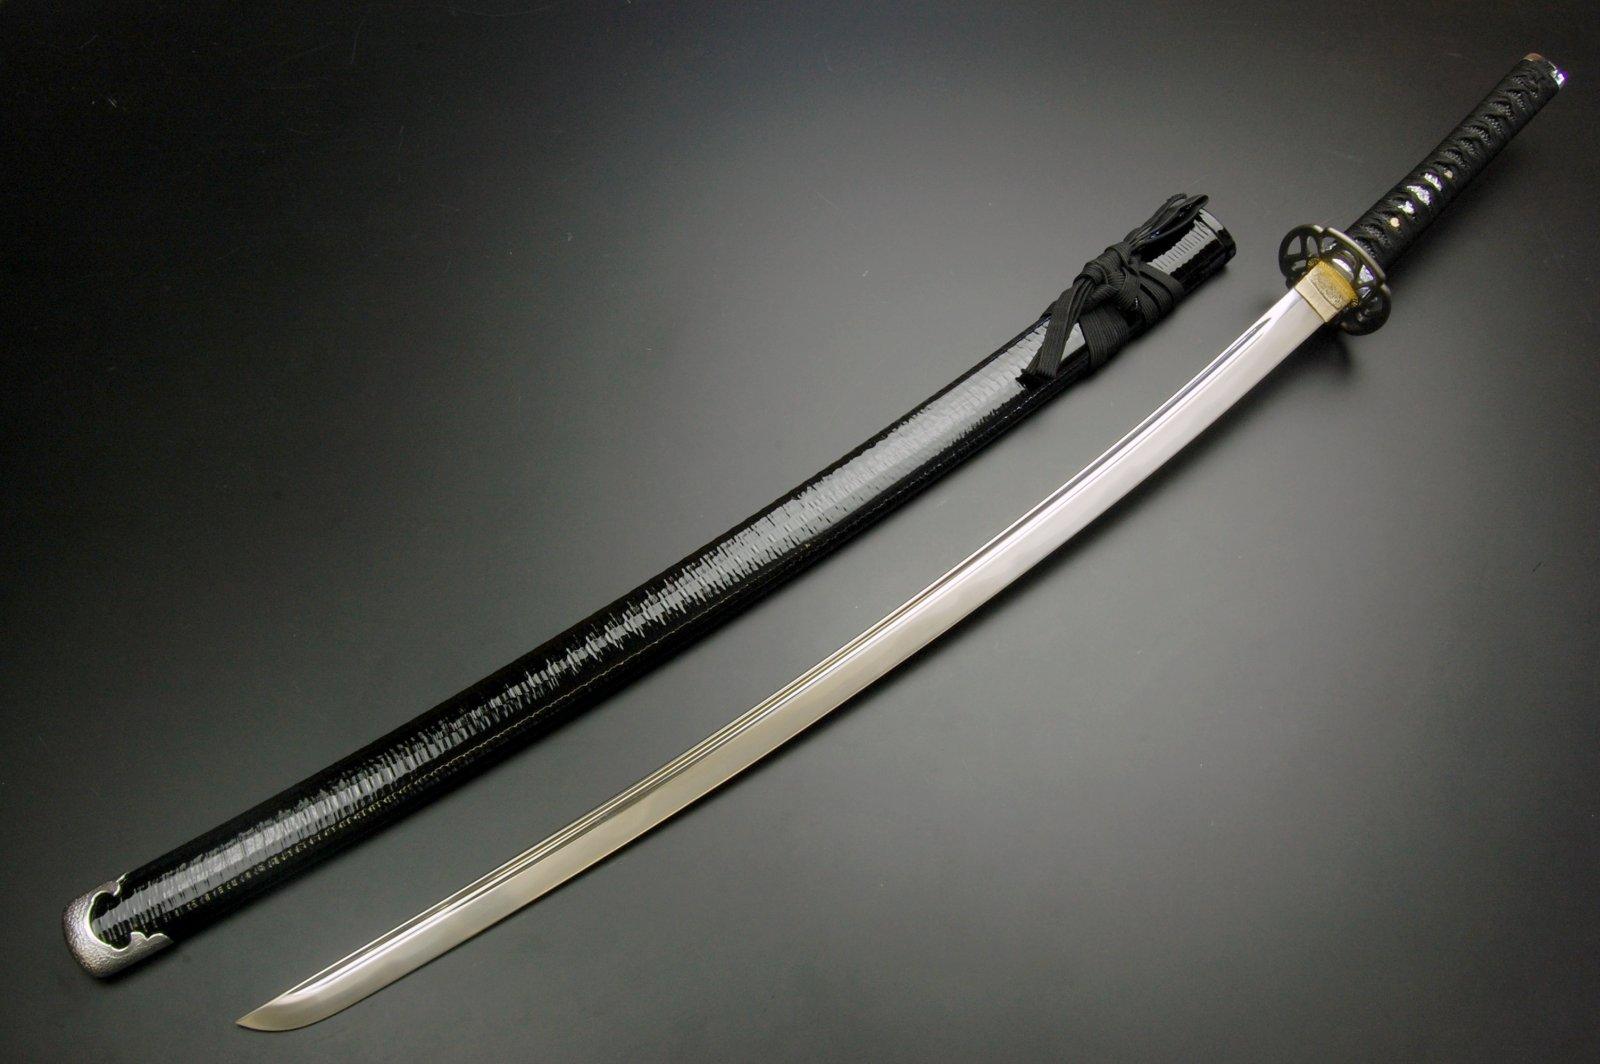 美術刀剣 模造刀柳生石舟斎宗厳拵え大刀※本品は、メール便及び、ゆうパケット対応しておりません。